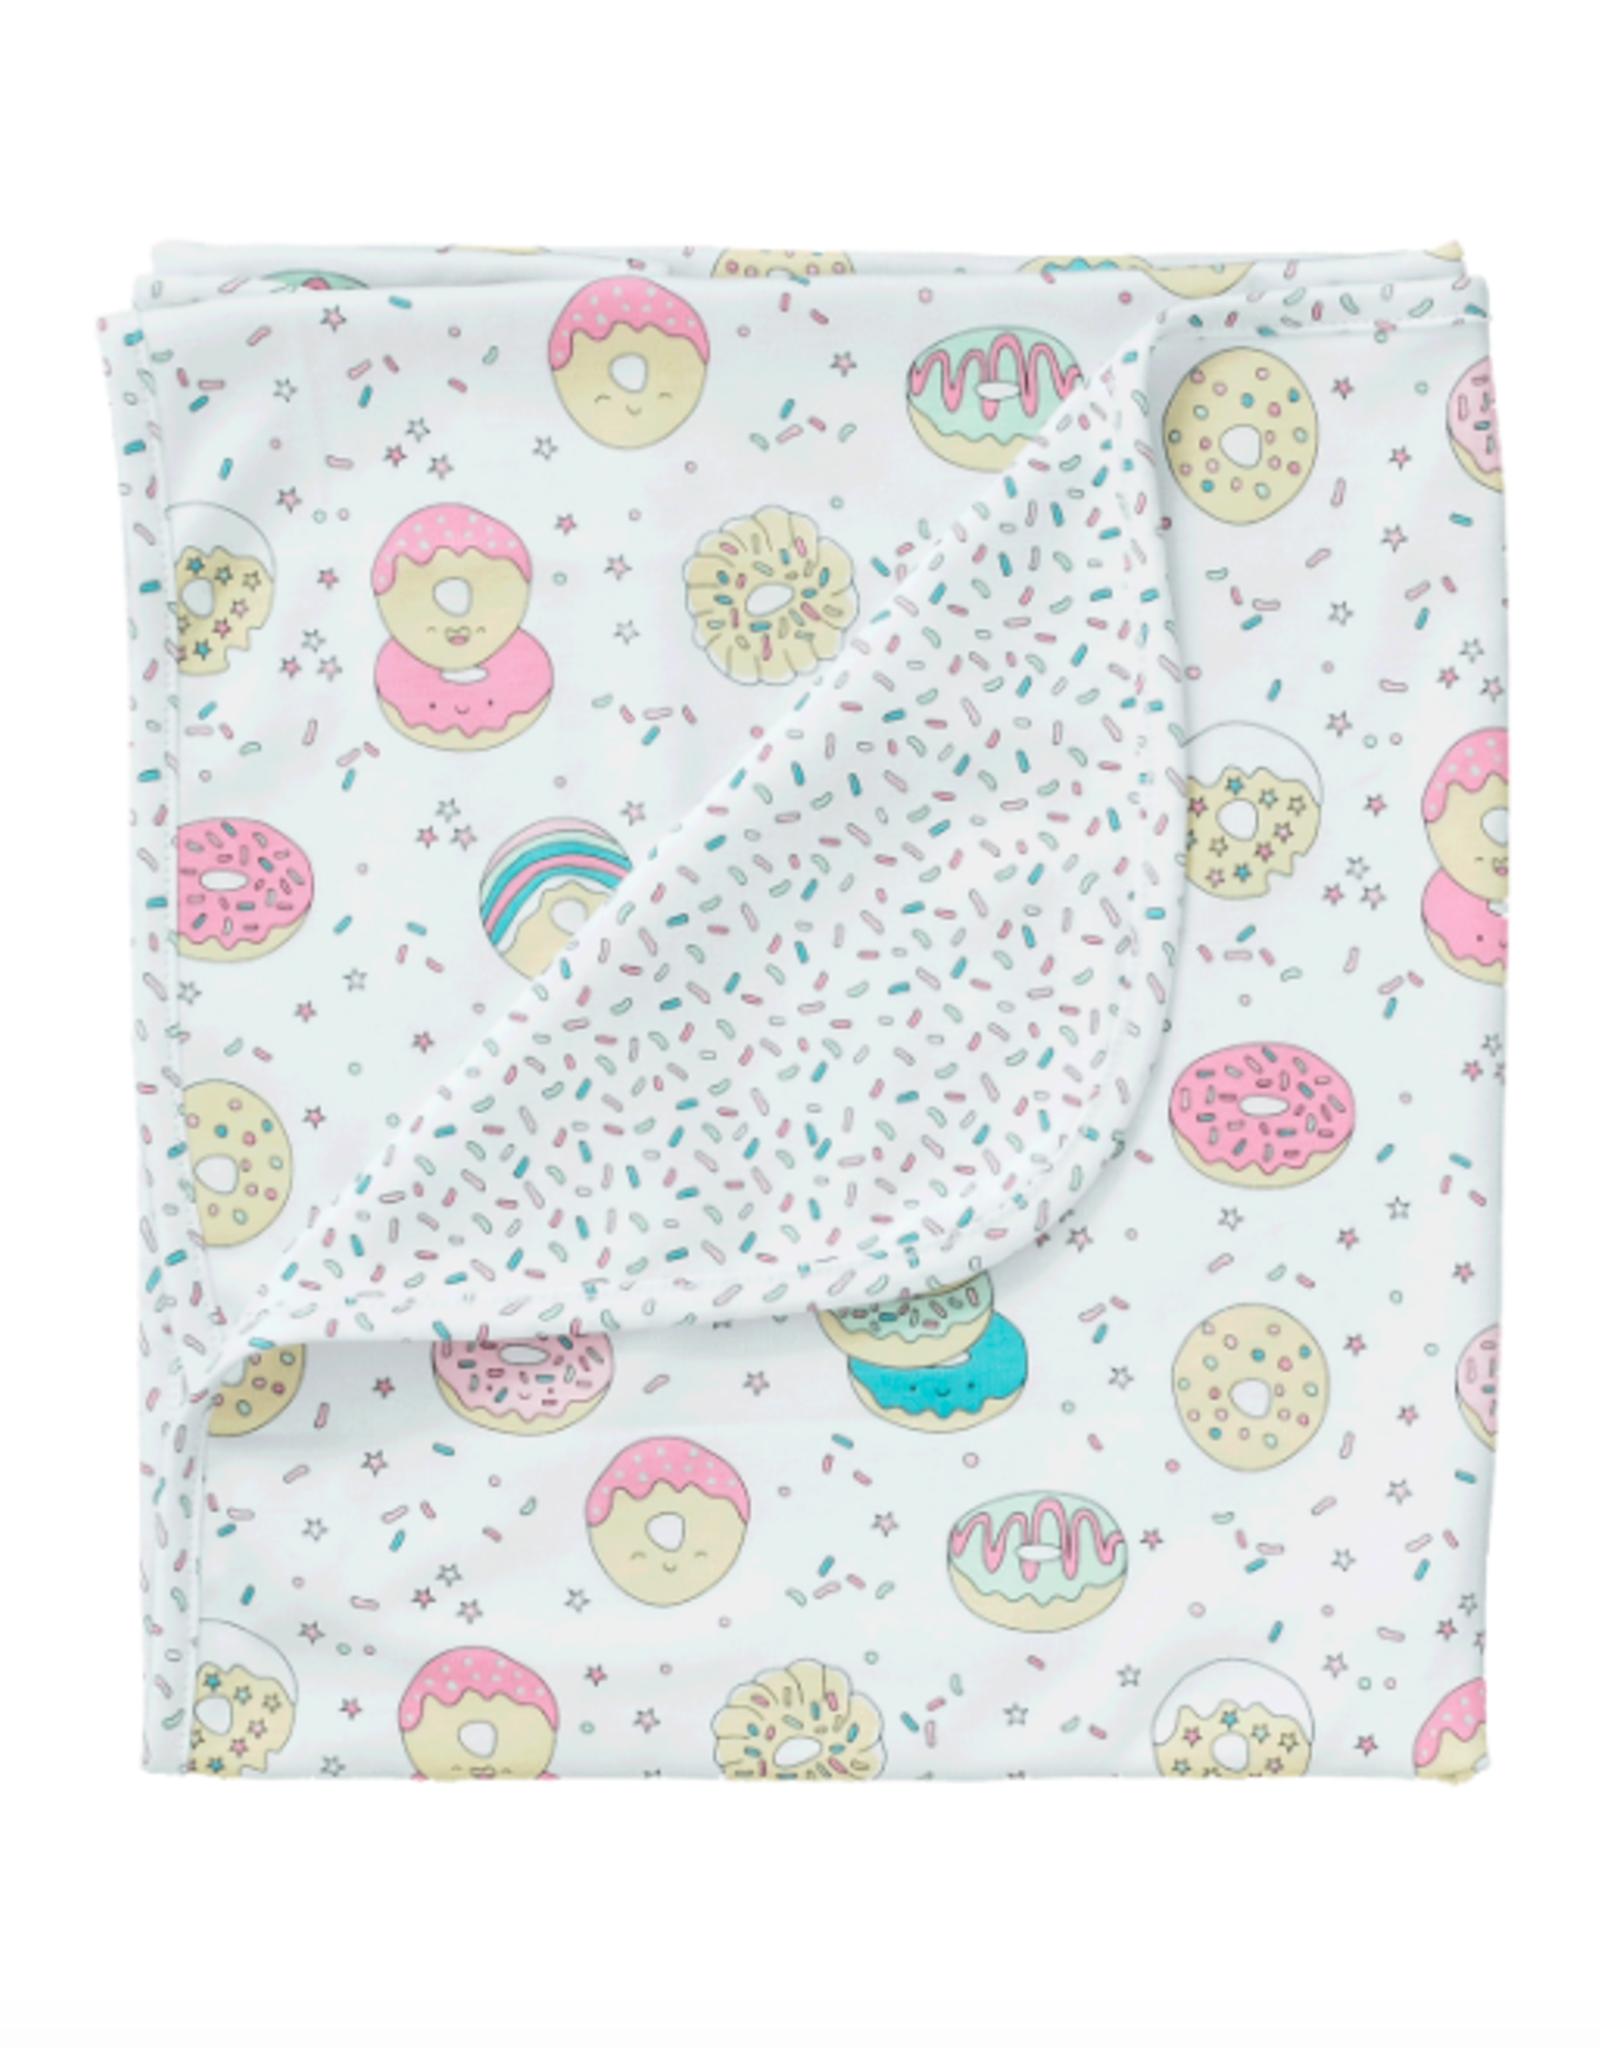 Baby Noomie Double Layer Blanket